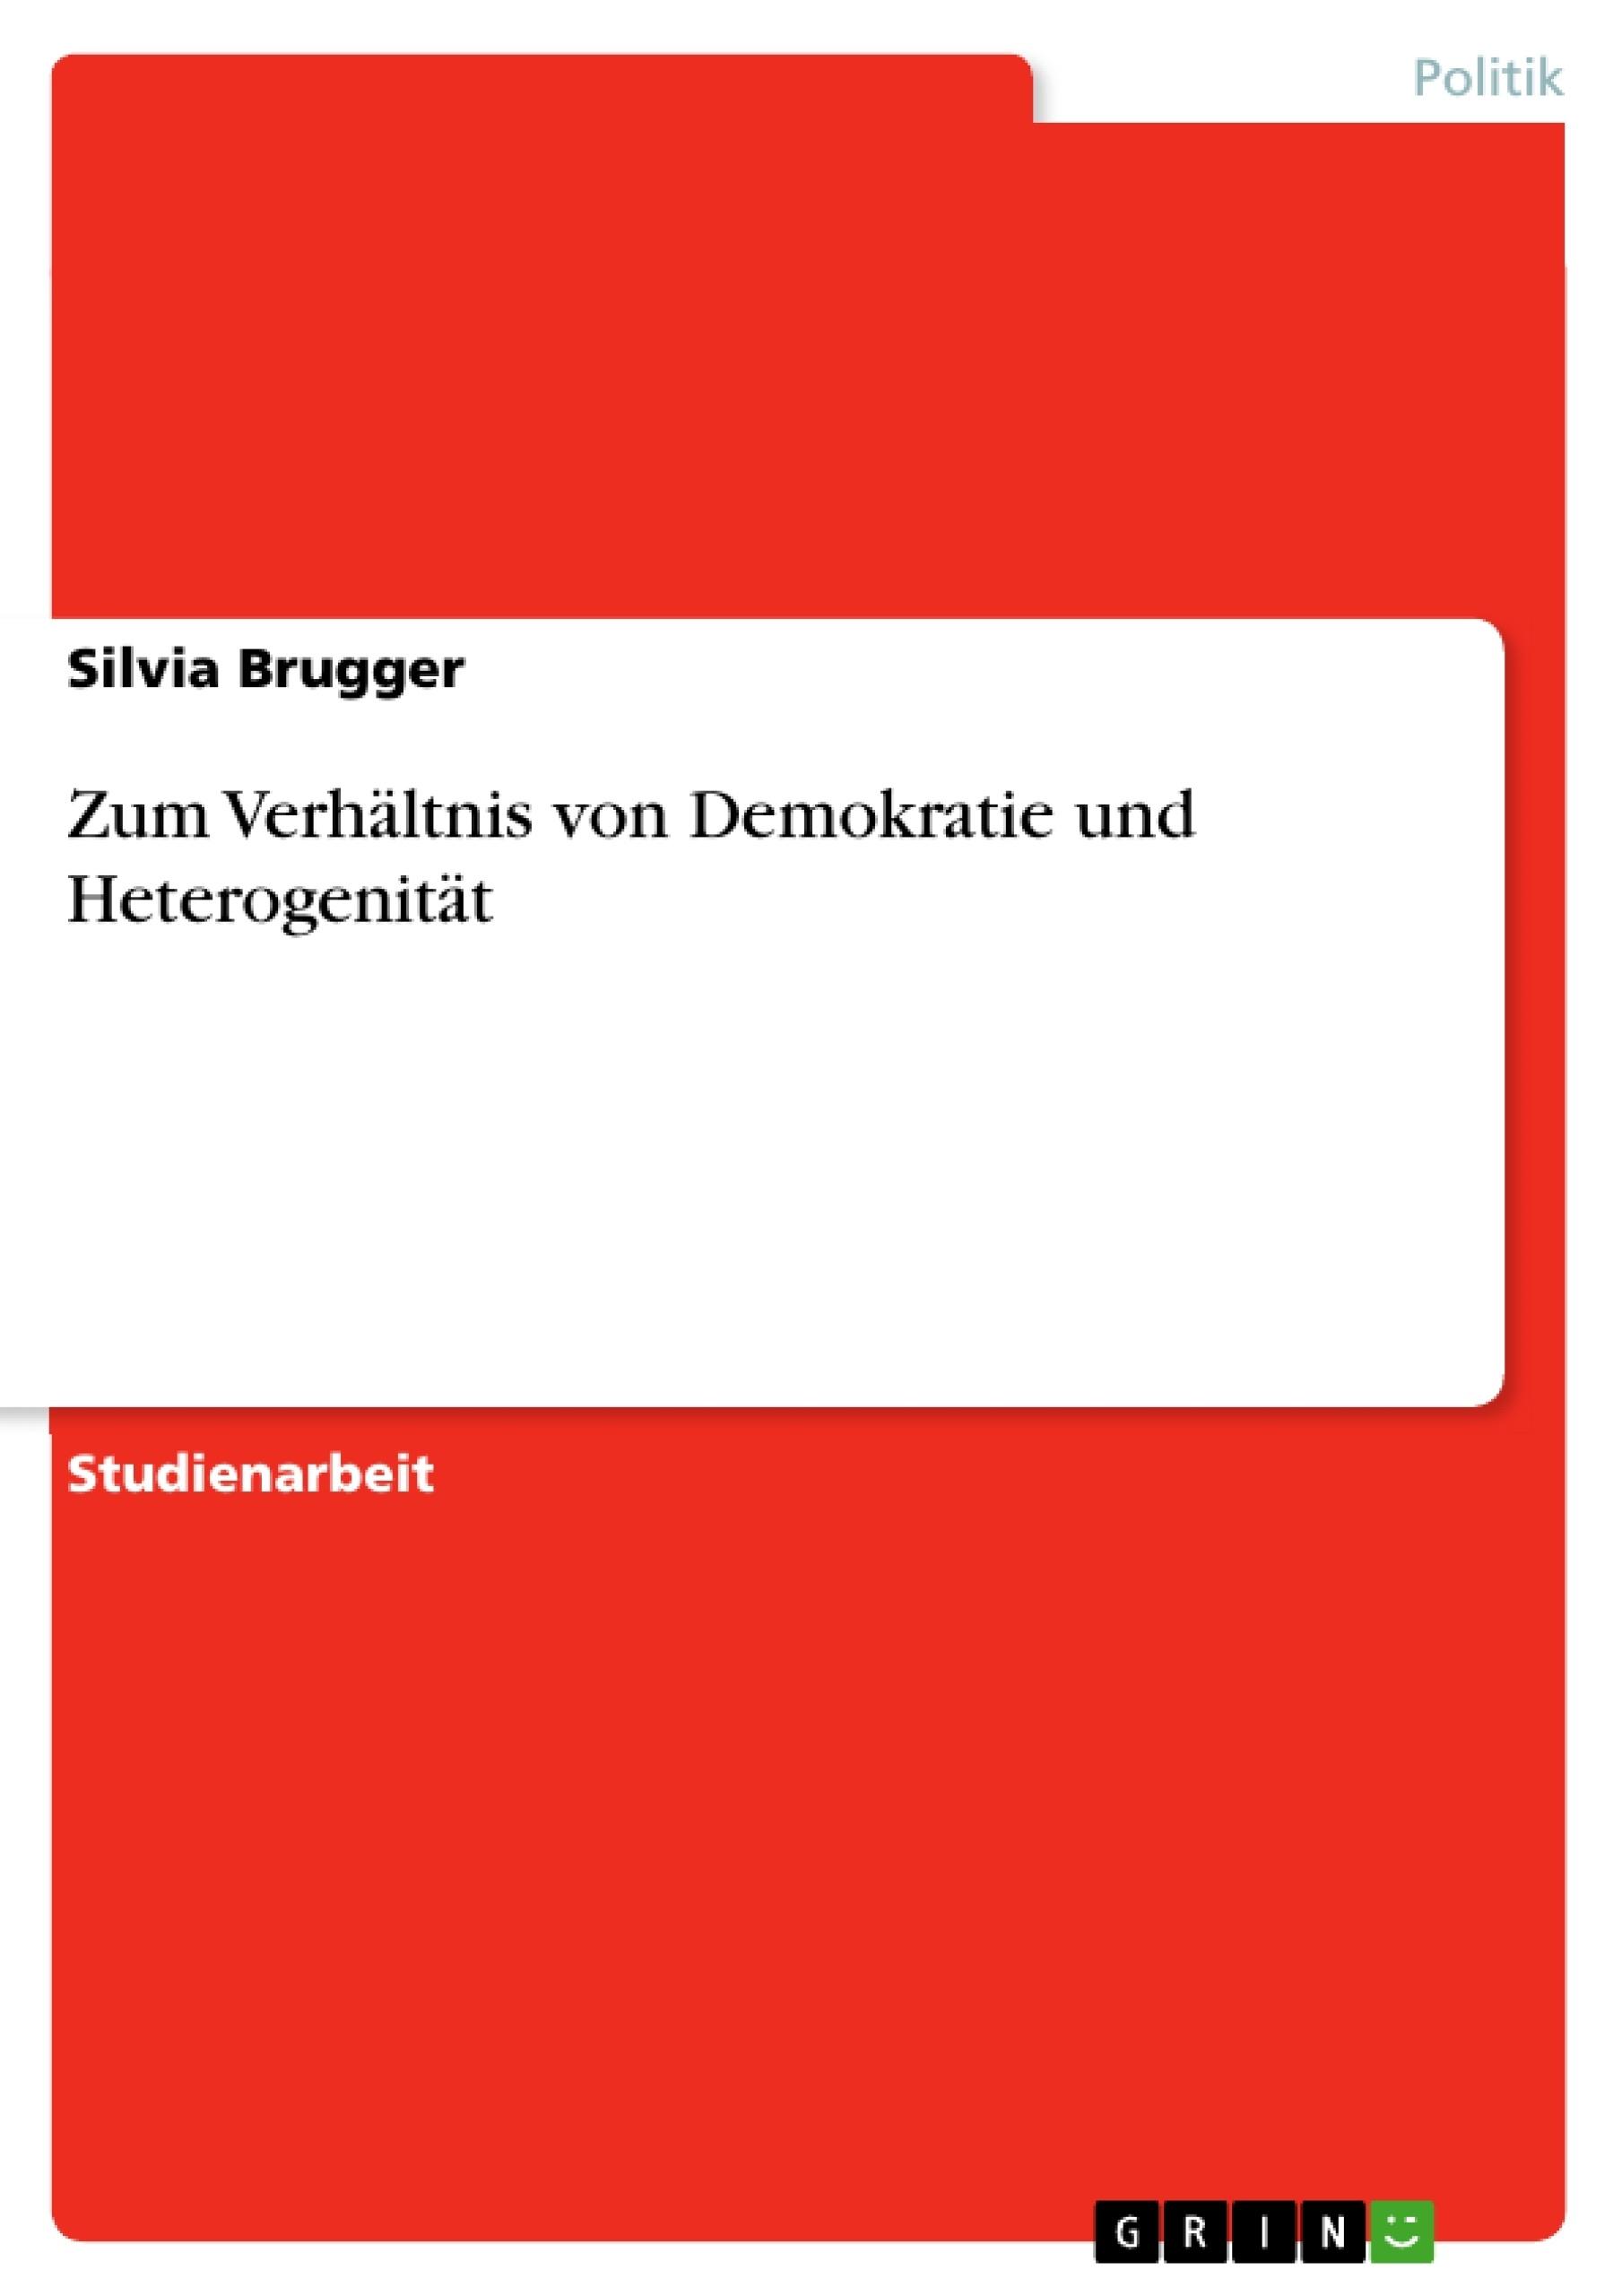 Titel: Zum Verhältnis von Demokratie und Heterogenität